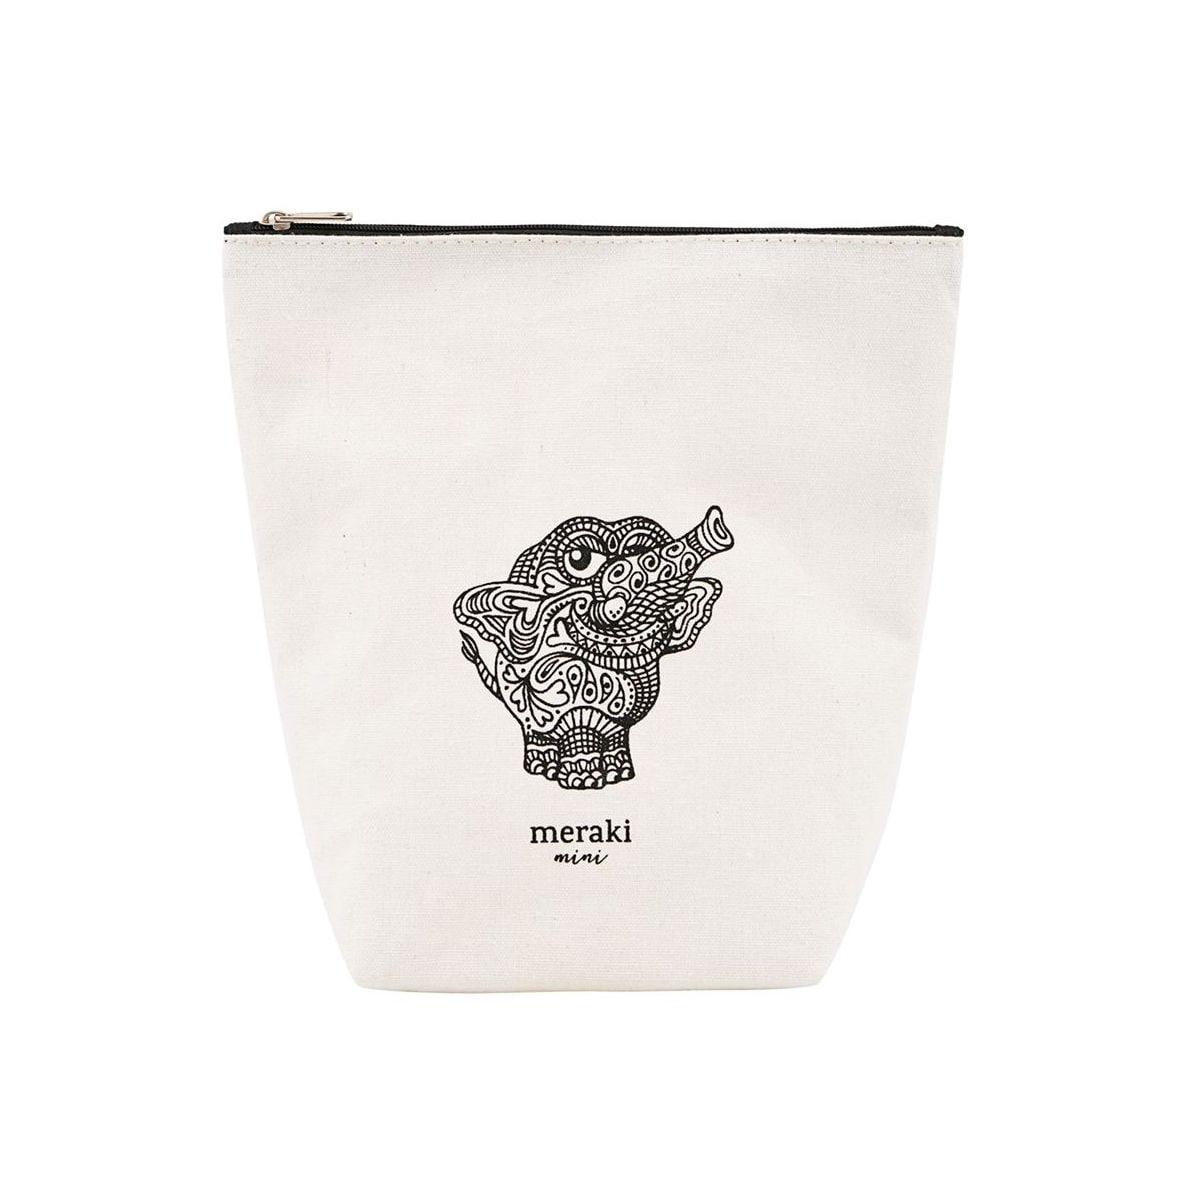 meraki Kosmetická taštička Doddy, černá barva, bílá barva, textil